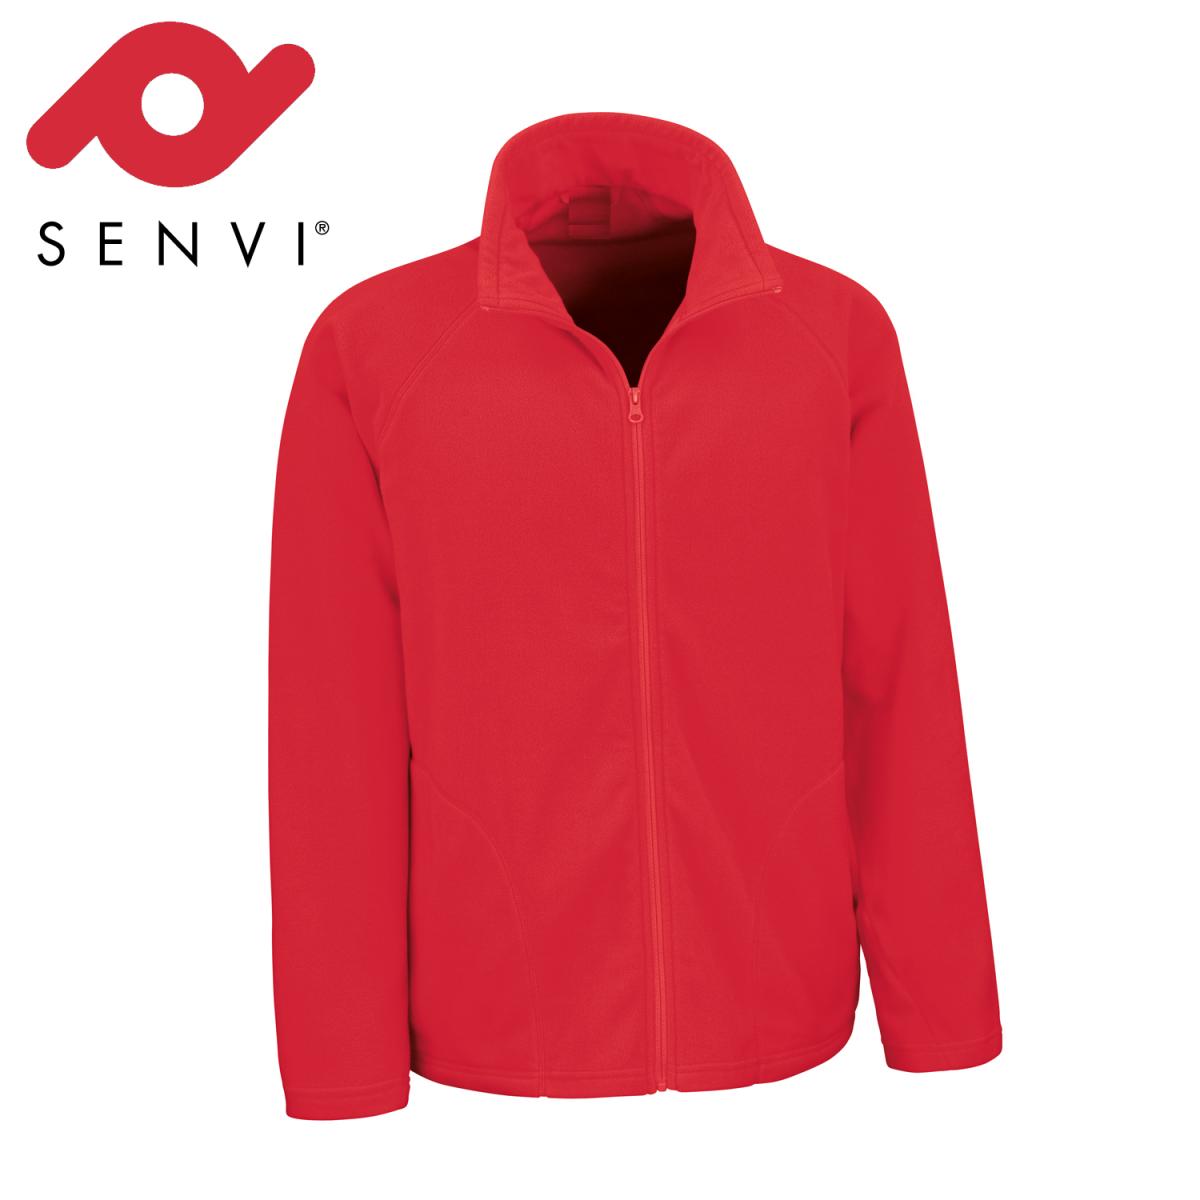 Senvi Basic Fleece Vest - Thermisch laag microfleece - Kleur Rood - Maat XL